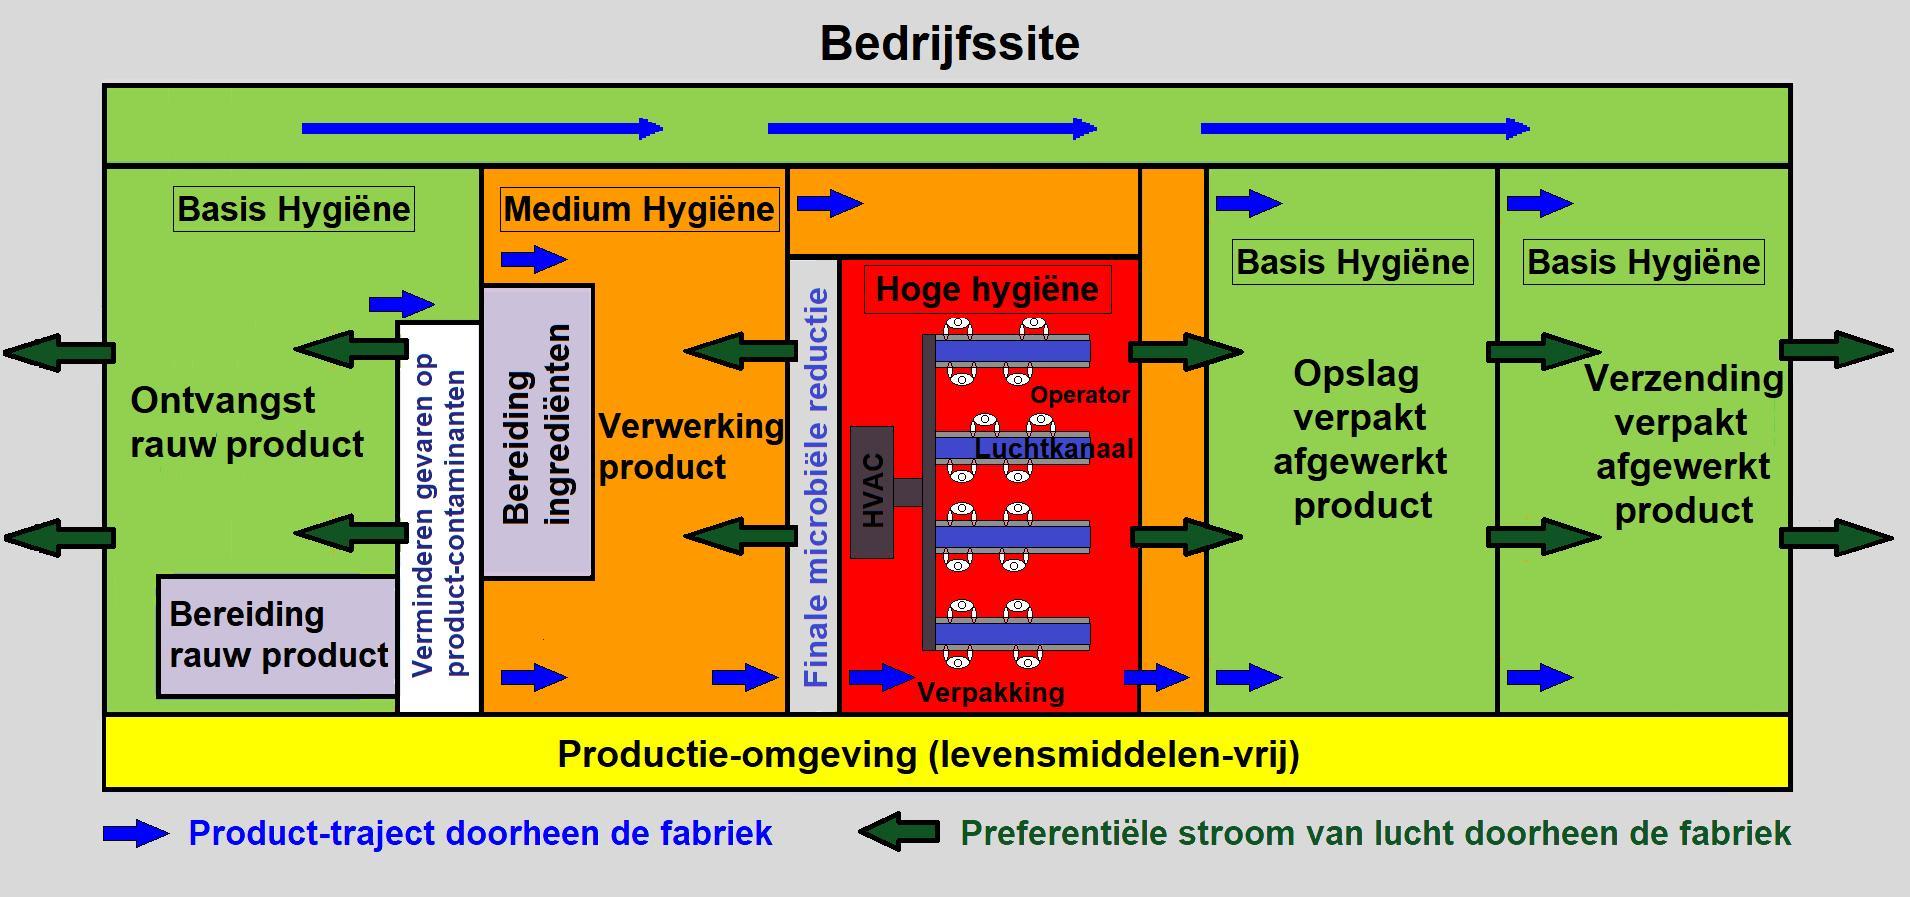 Rechtlijnige productflow: lucht vloeit van de meest hygiënische naar de minst hygiënische ruimtes